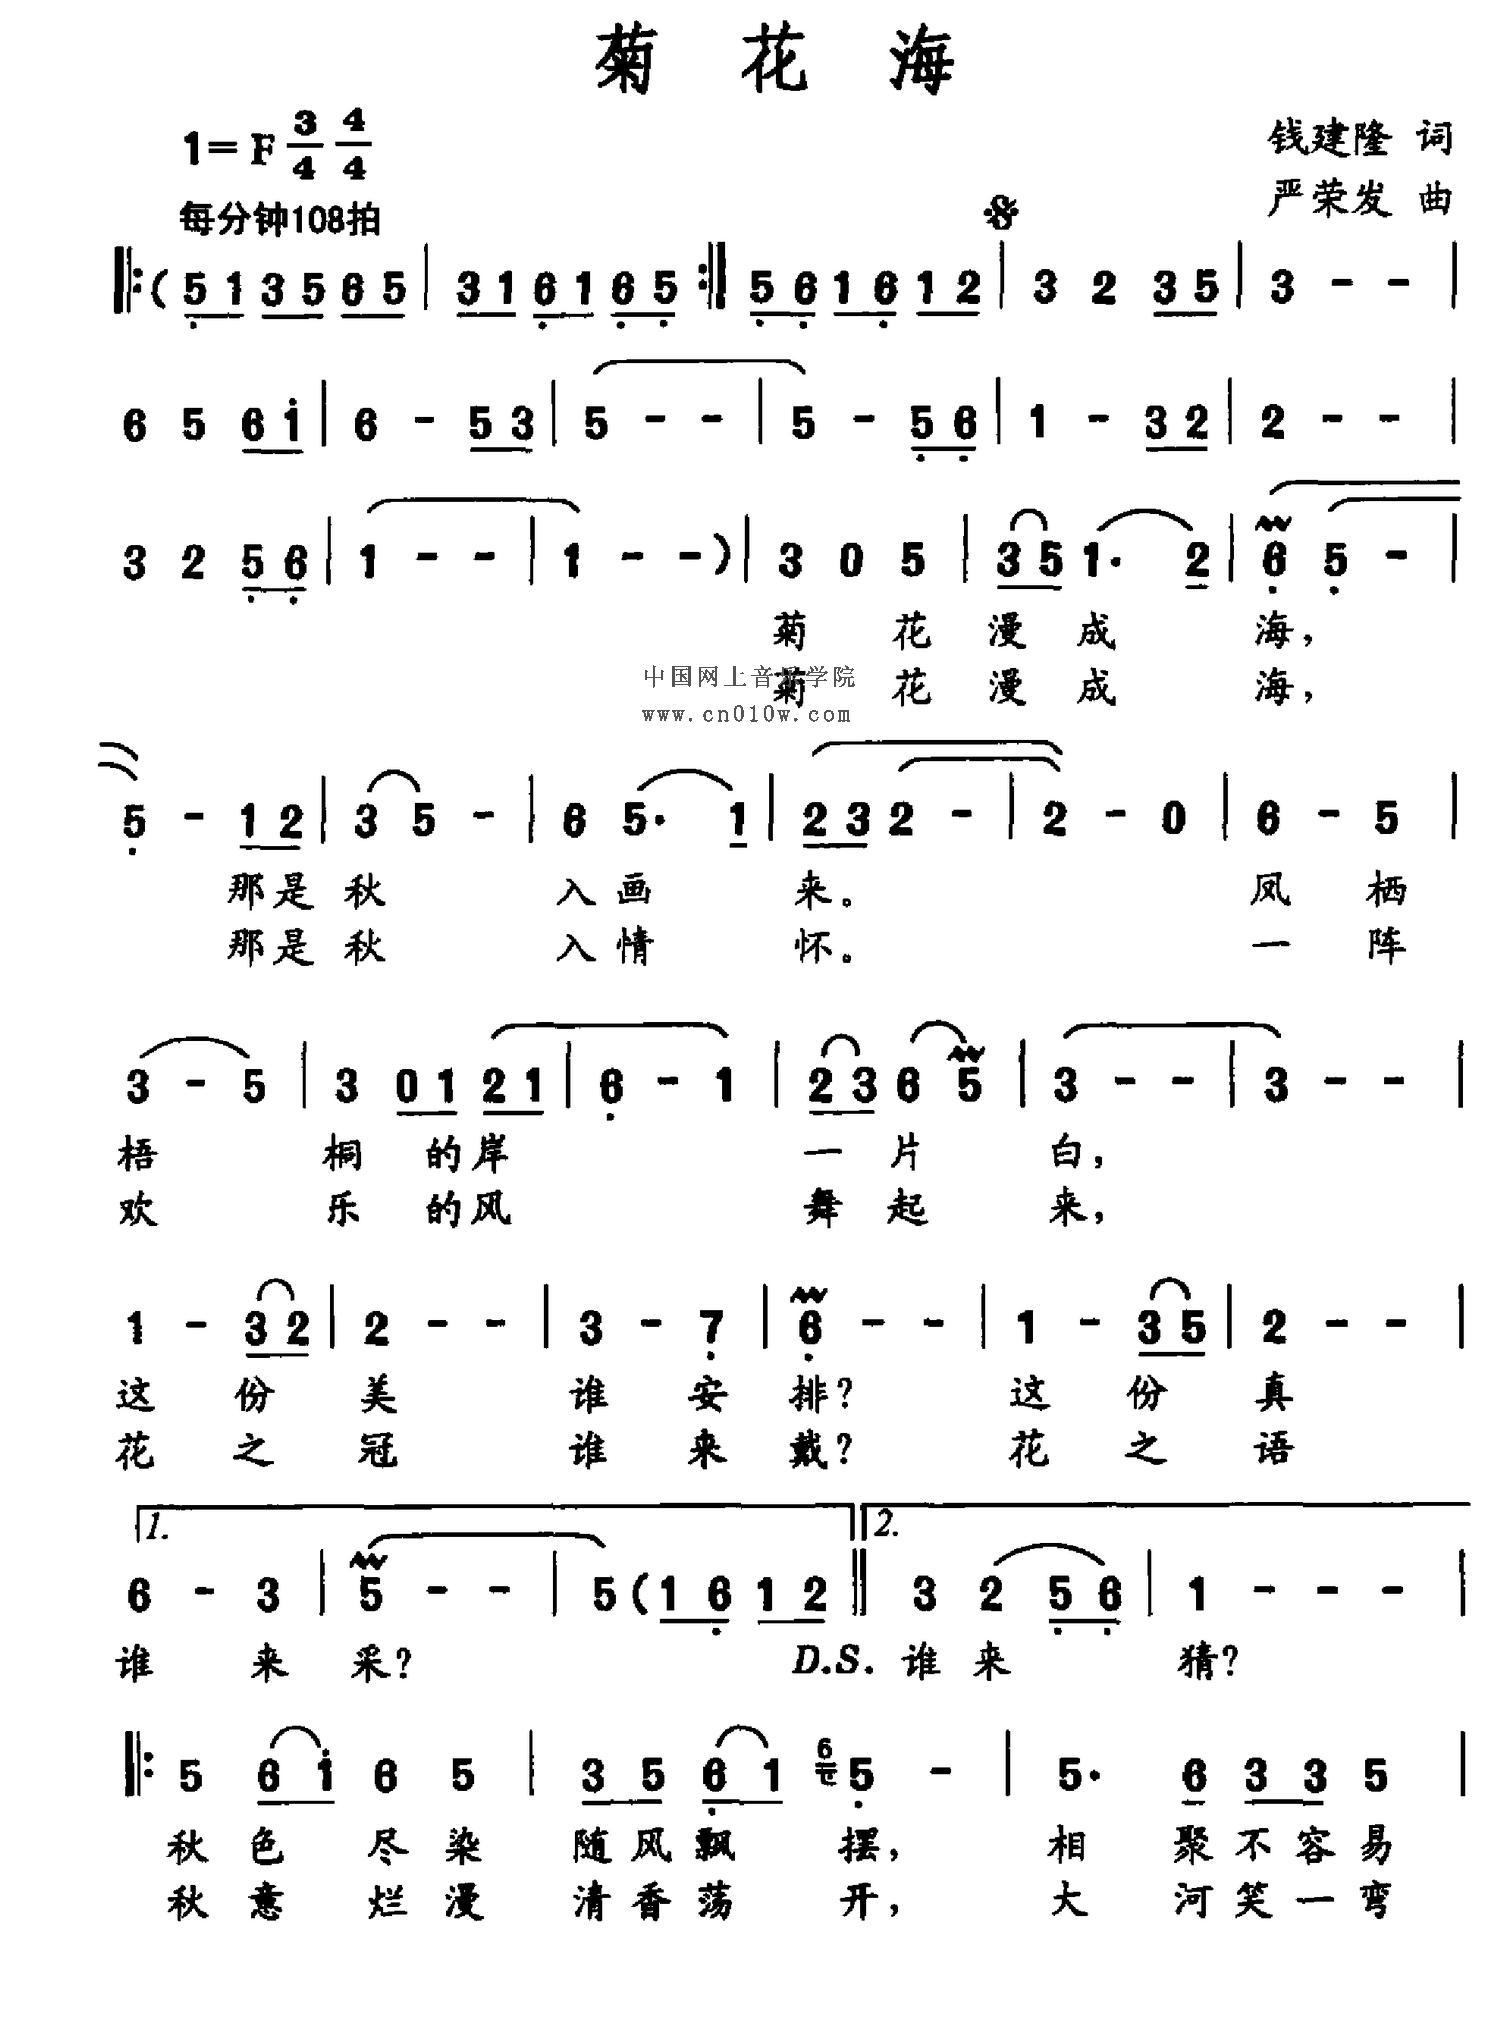 海情歌笛子简谱歌谱-民歌曲谱 菊花海01